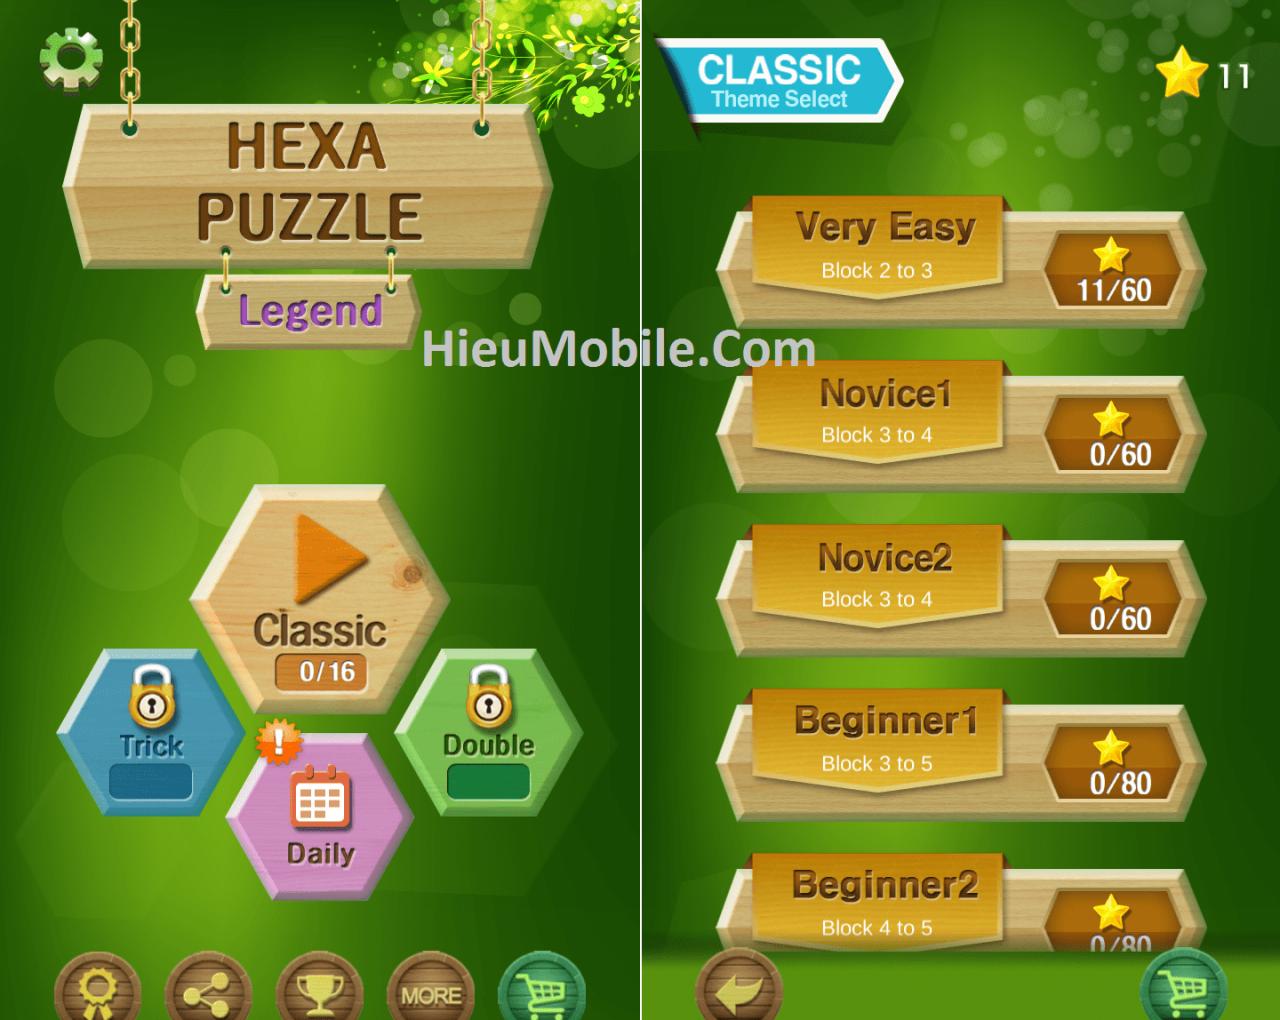 Hình ảnh zOxHxxu của Tải game Hexa Puzzle Legend - Xếp tổ ong tại HieuMobile